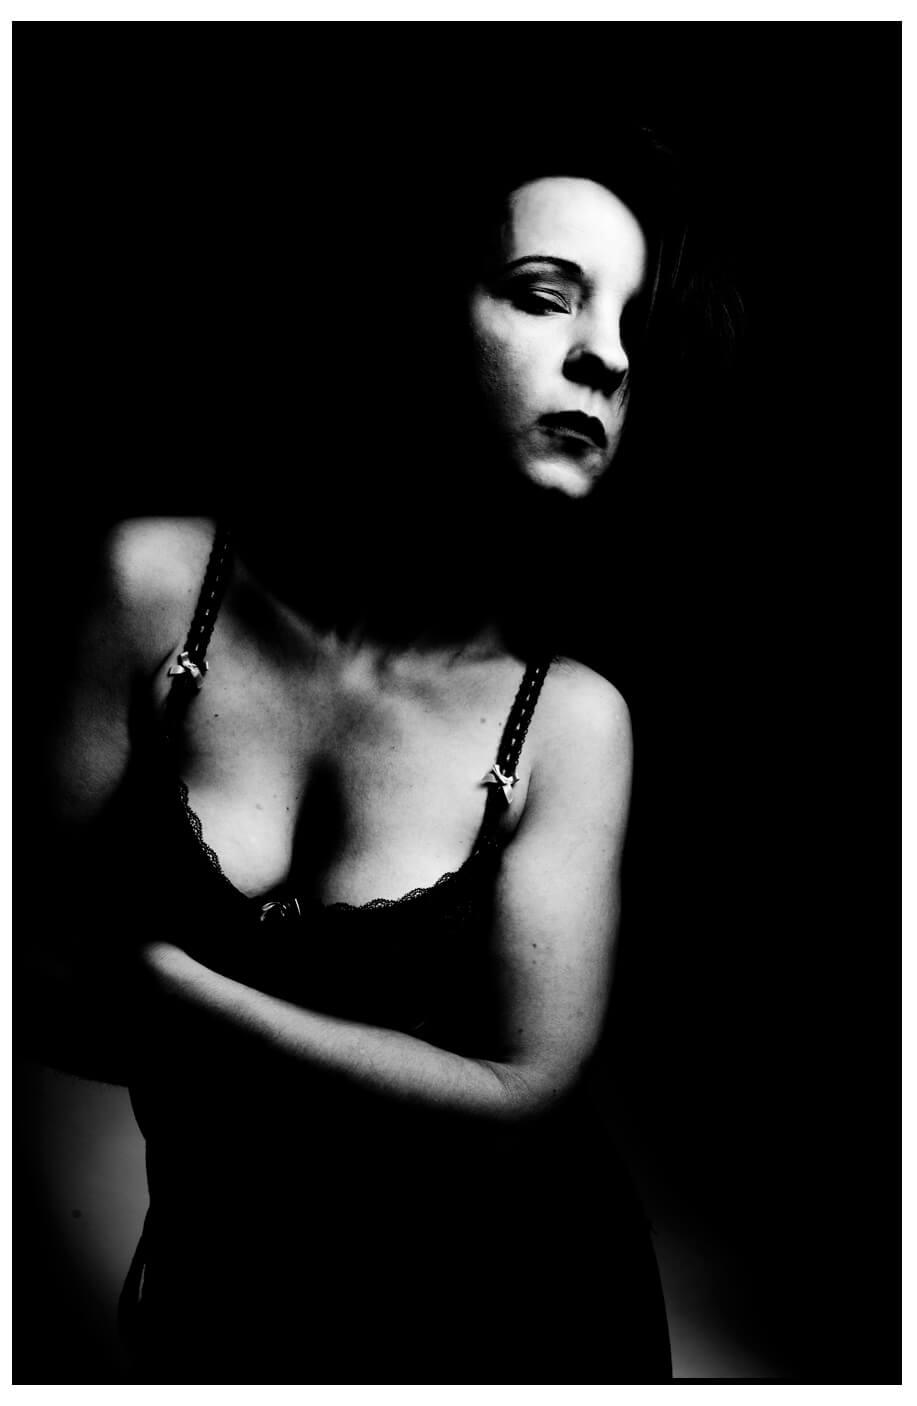 erotisches Fotoshooting, BH schwarz-weiss